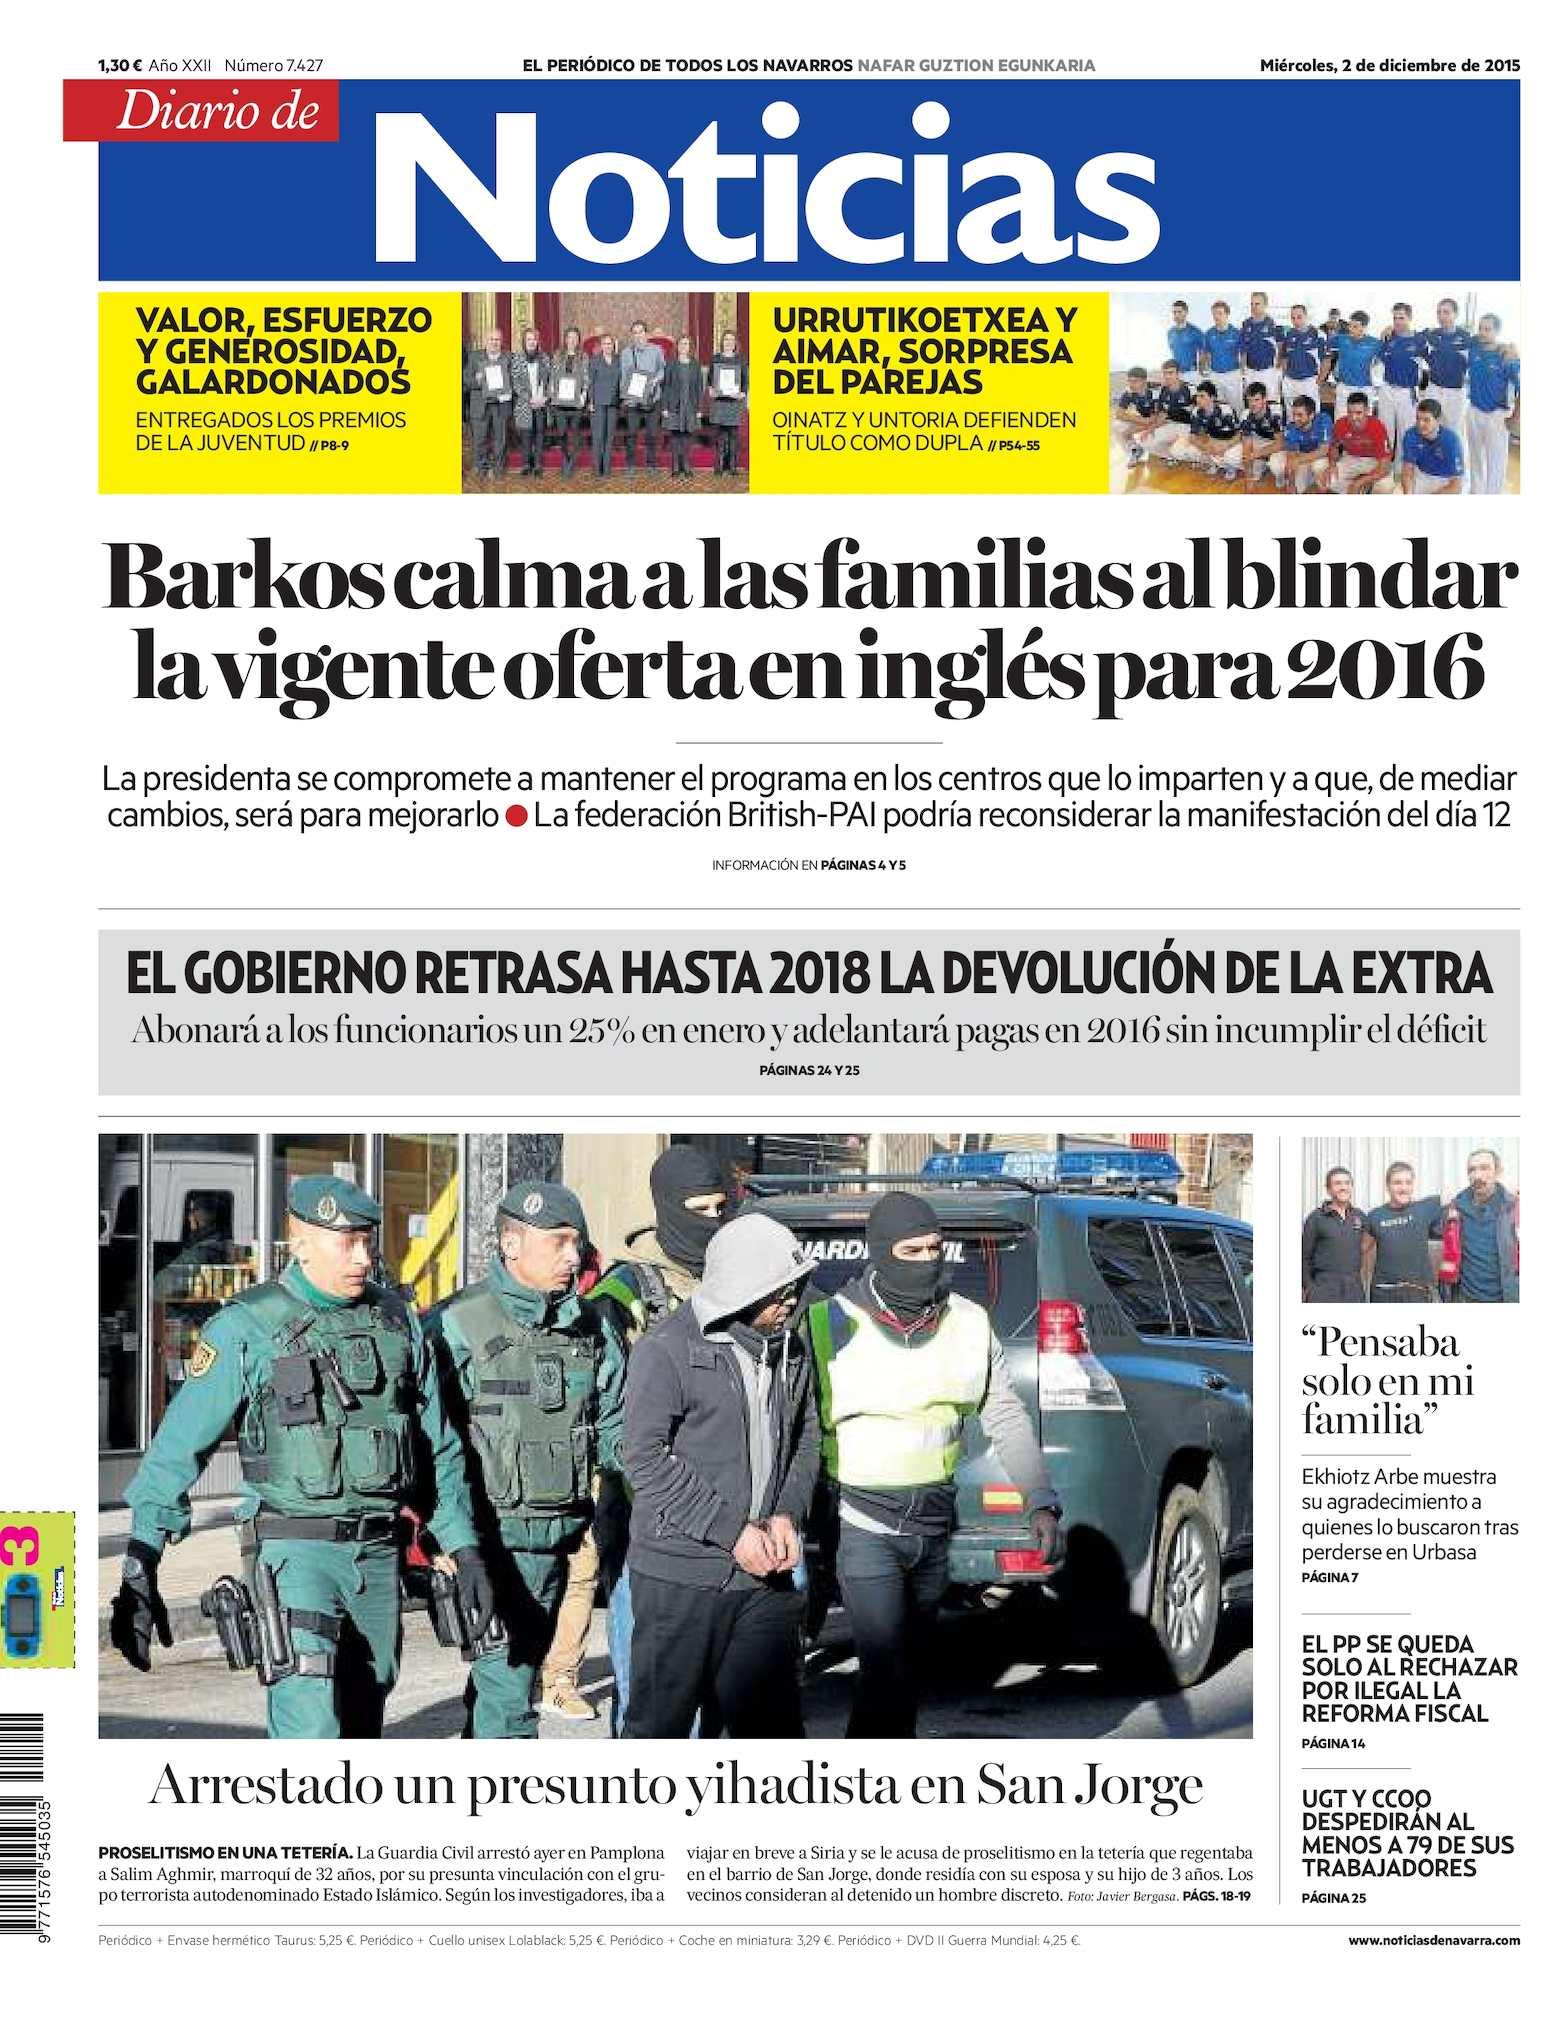 Calaméo - Diario de Noticias 20151202